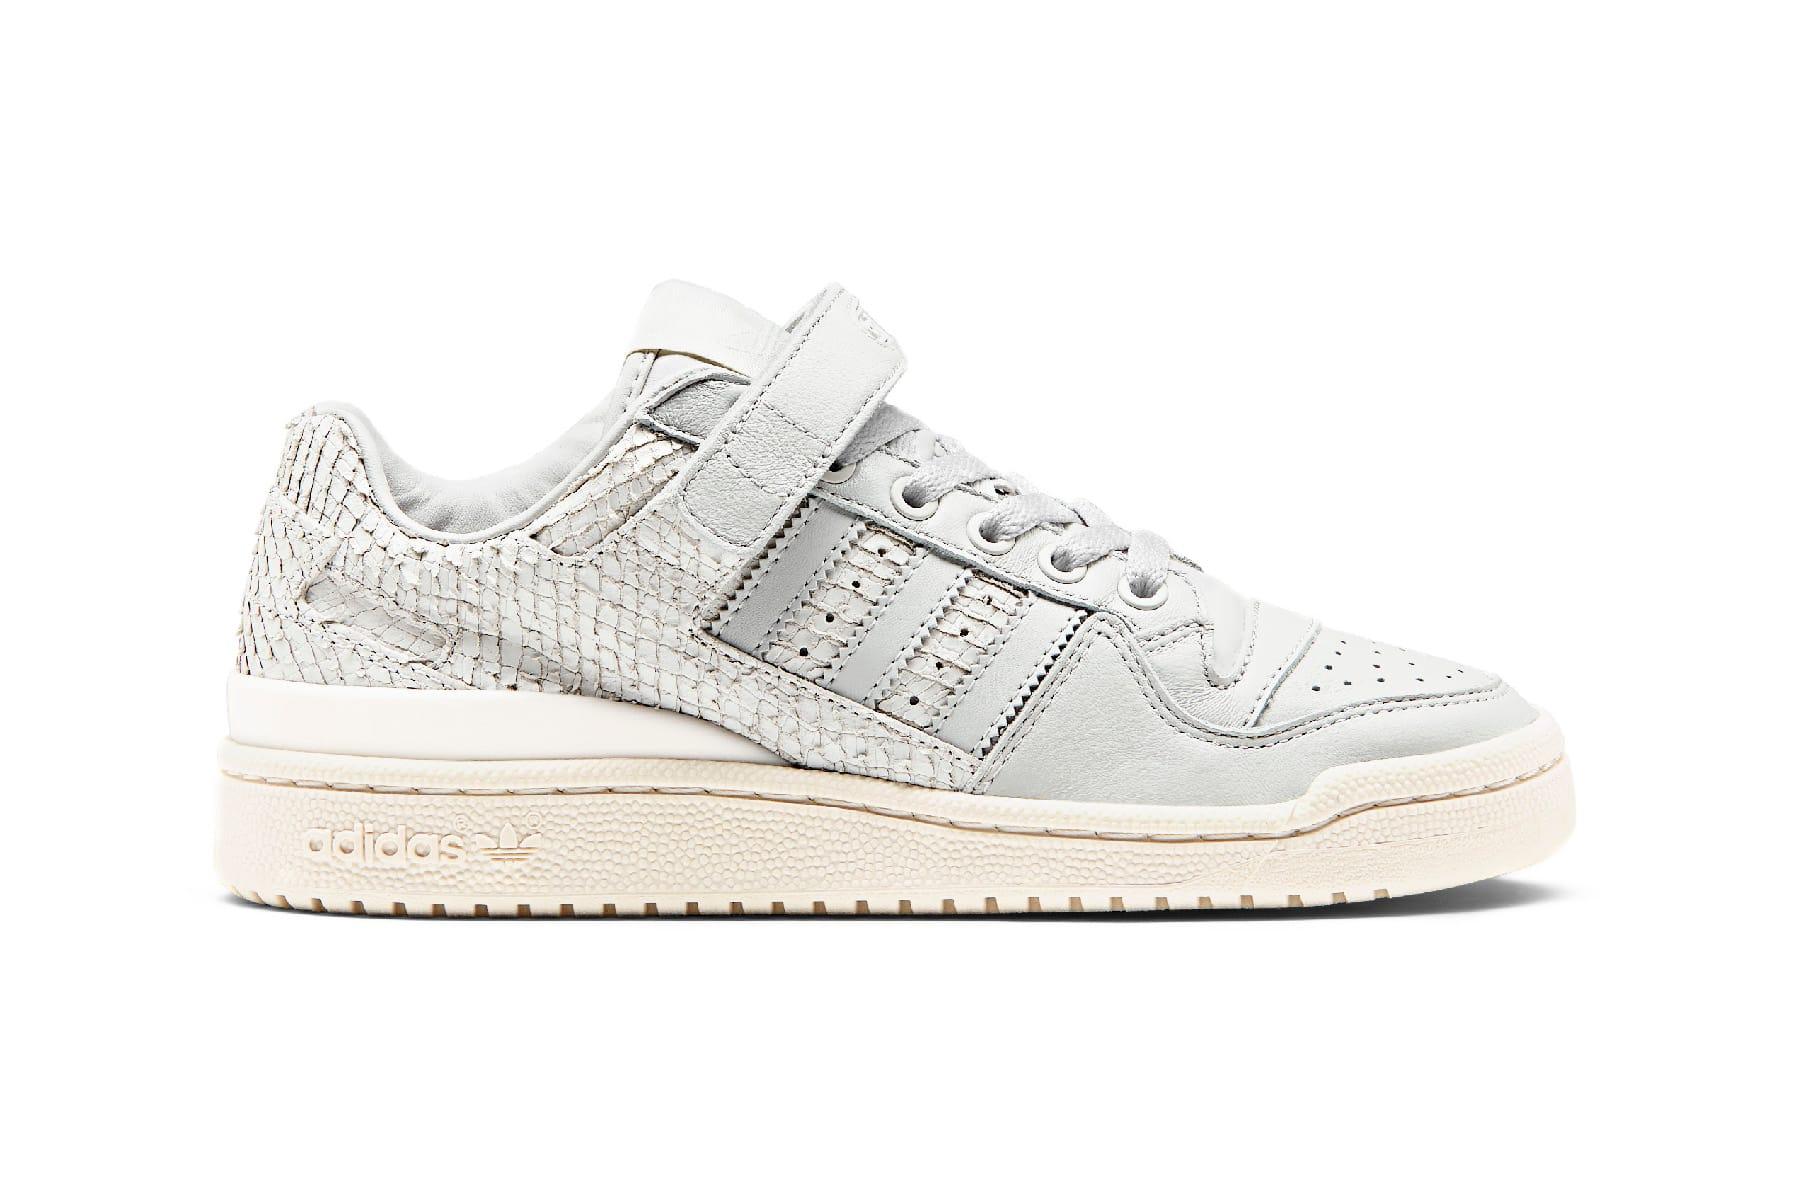 adidas Originals Drops a Forum Lo in